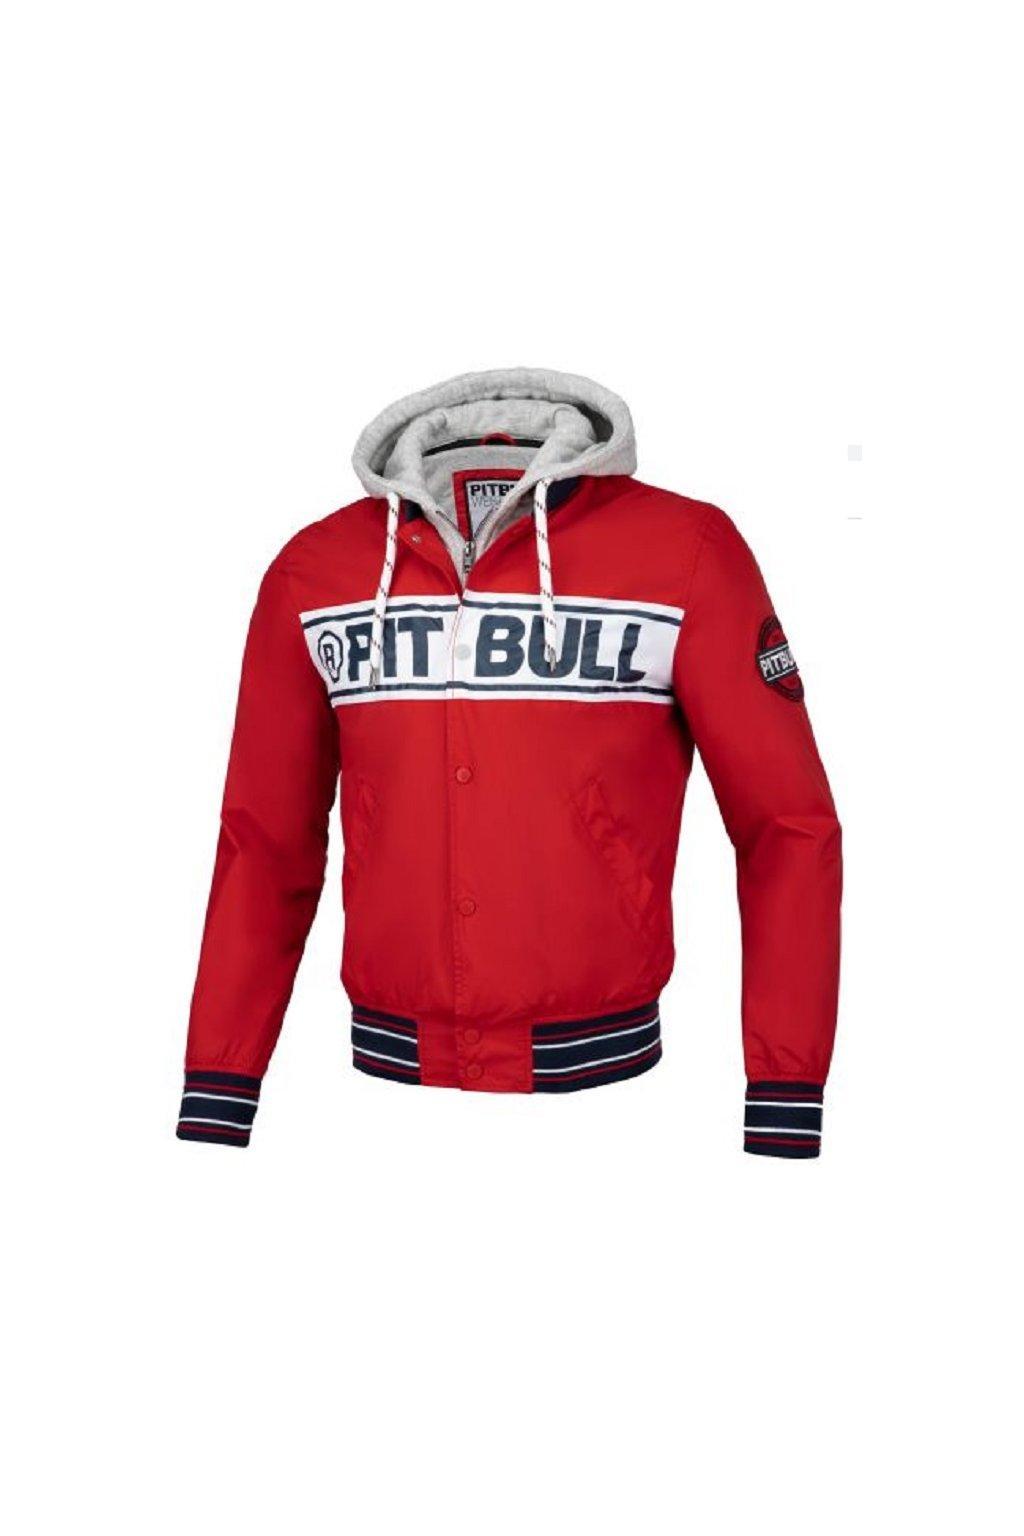 PitBull West Coast - letní bunda ANGLER červená obr1